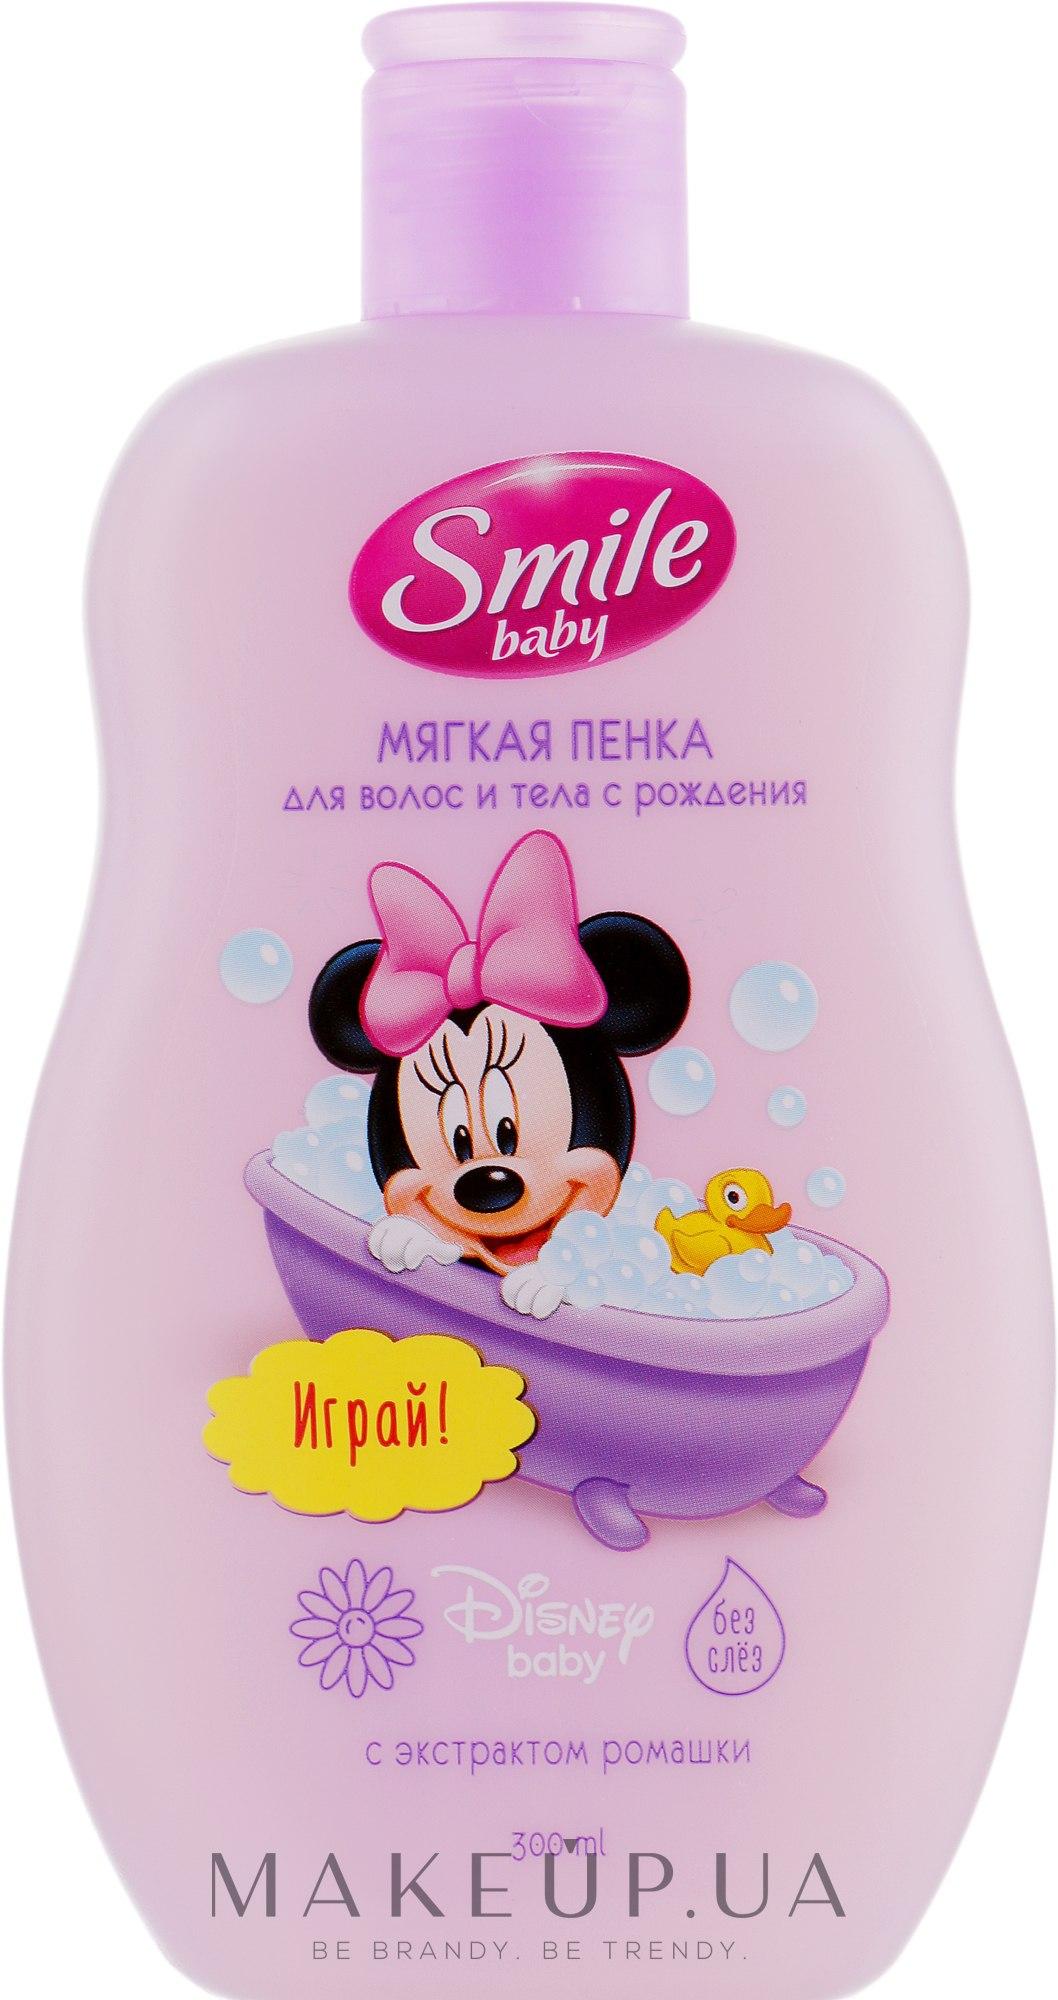 Мягкая пенка для волос и тела с экстрактом ромашки - Smile Baby — фото 300ml